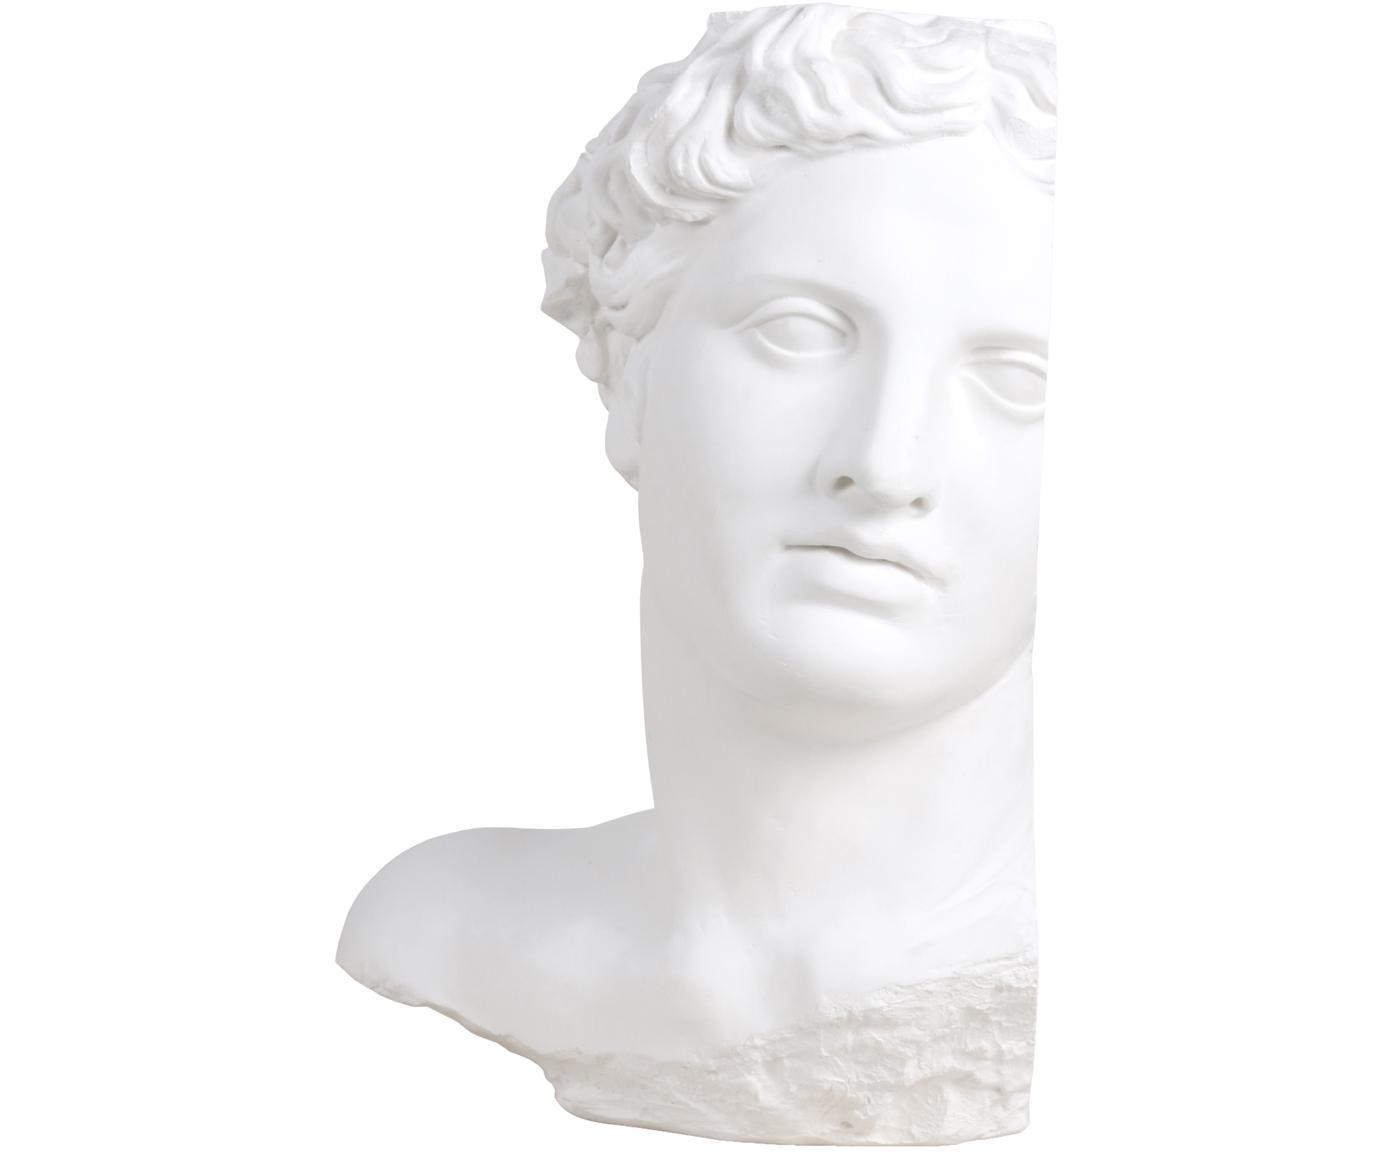 Deko-Objekt Apollo, Putz, Weiß, 27 x 41 cm